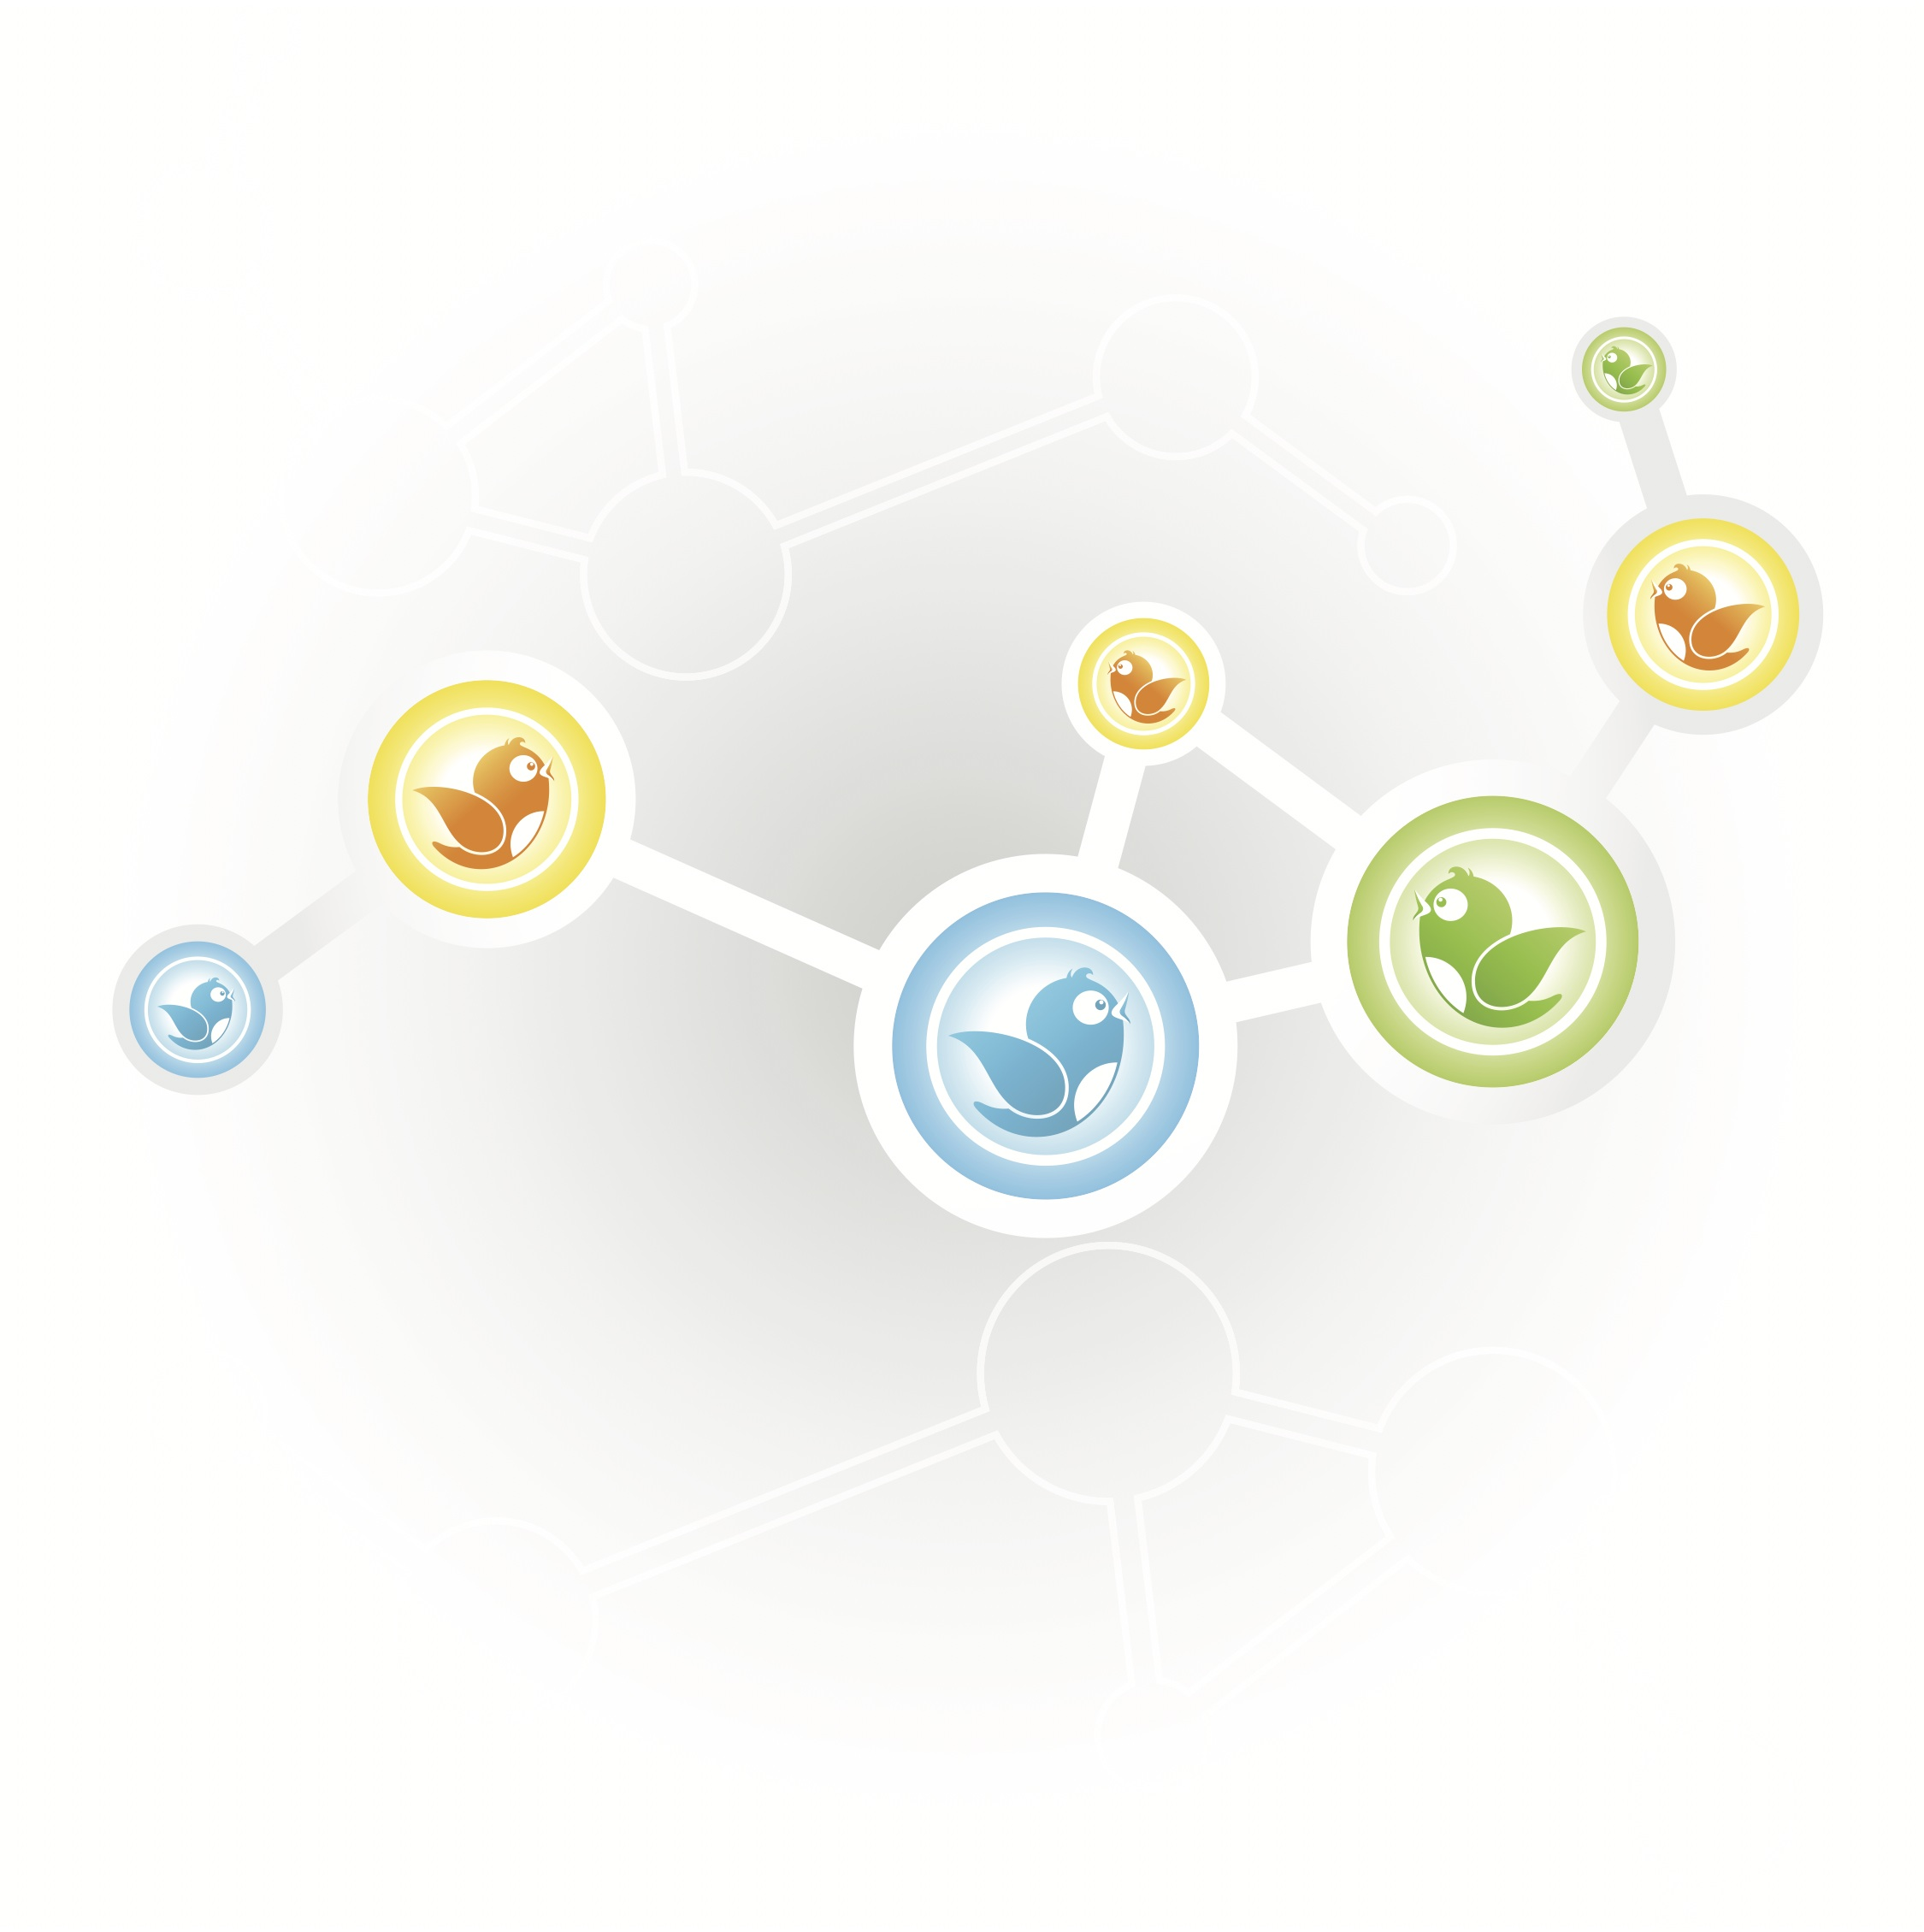 twitter network data